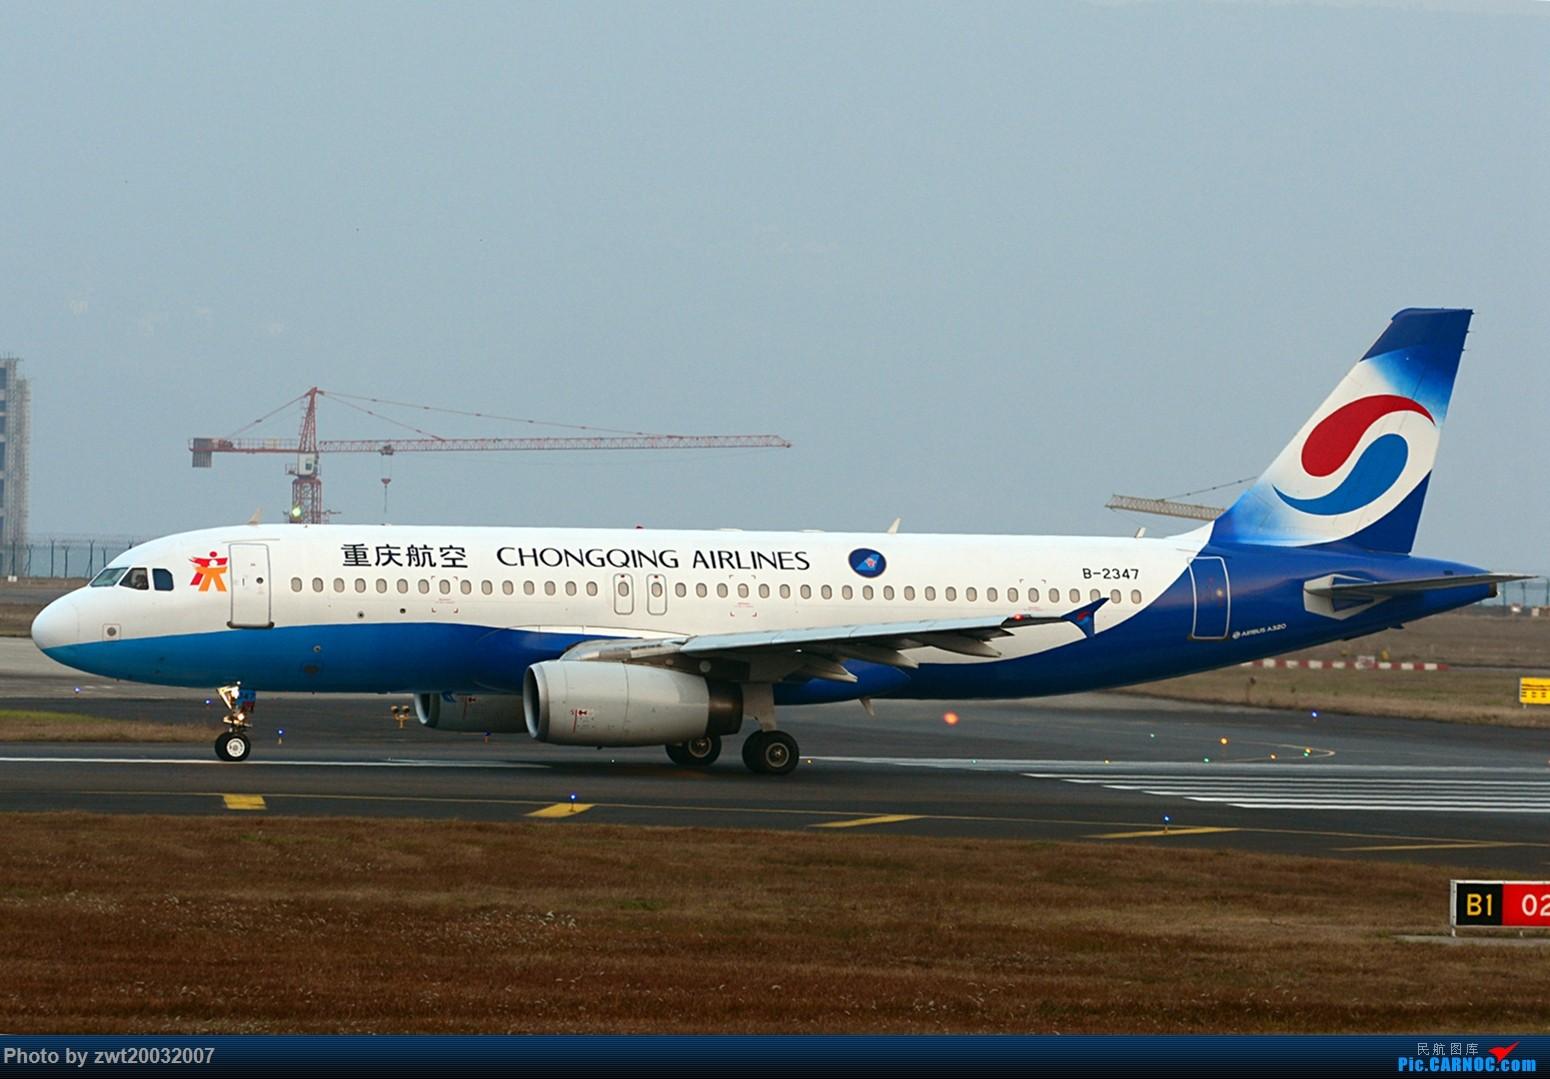 Re:【CARNOC重庆飞友会】门神 赤火 微笑 新华 AIRBUS A320-200 B-2347 中国重庆江北国际机场